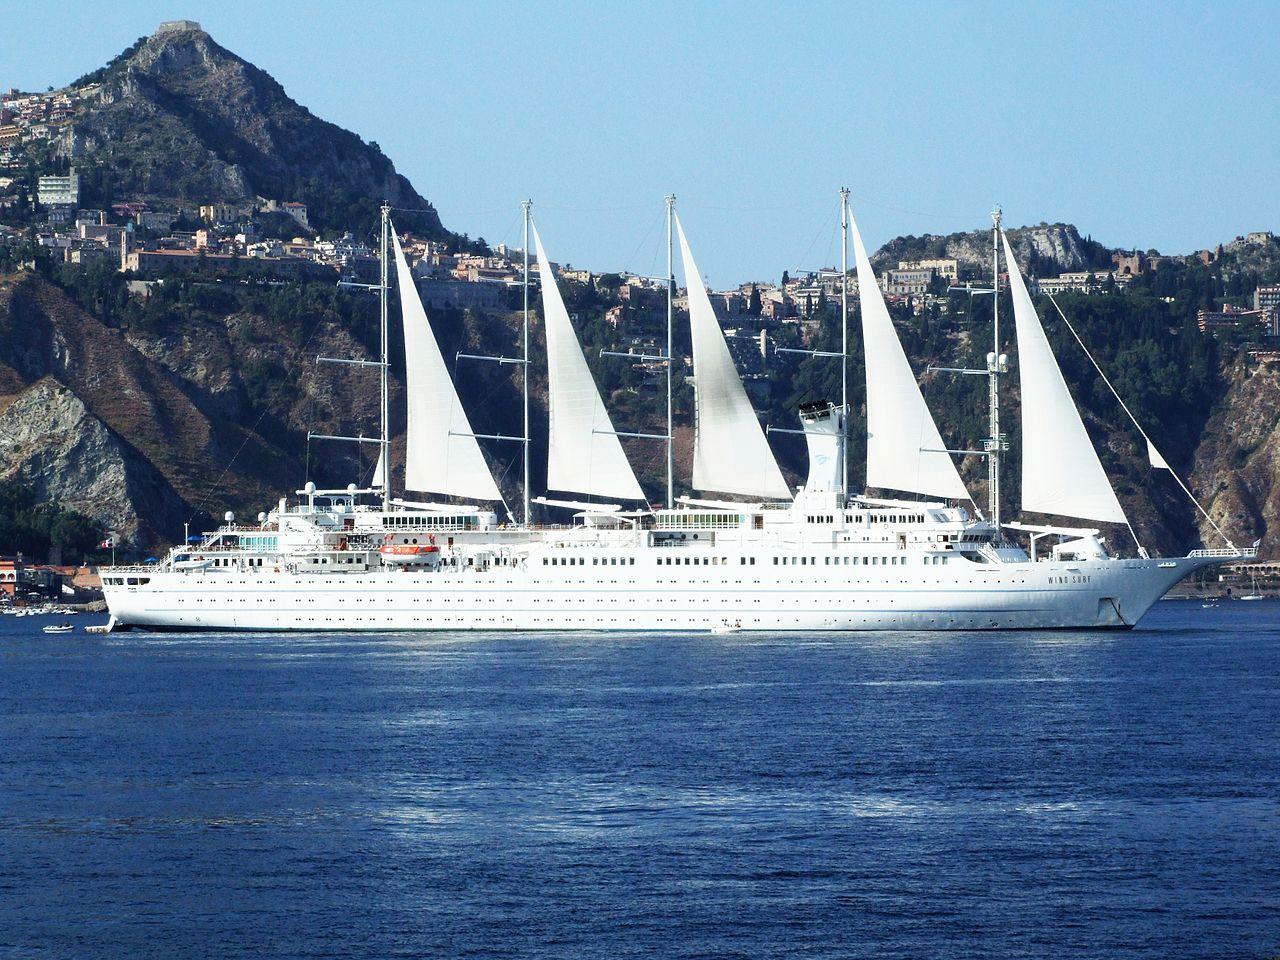 Giardini Naxos Italy  city photos : Club Med 2 187 m est un cinq mâts goélette